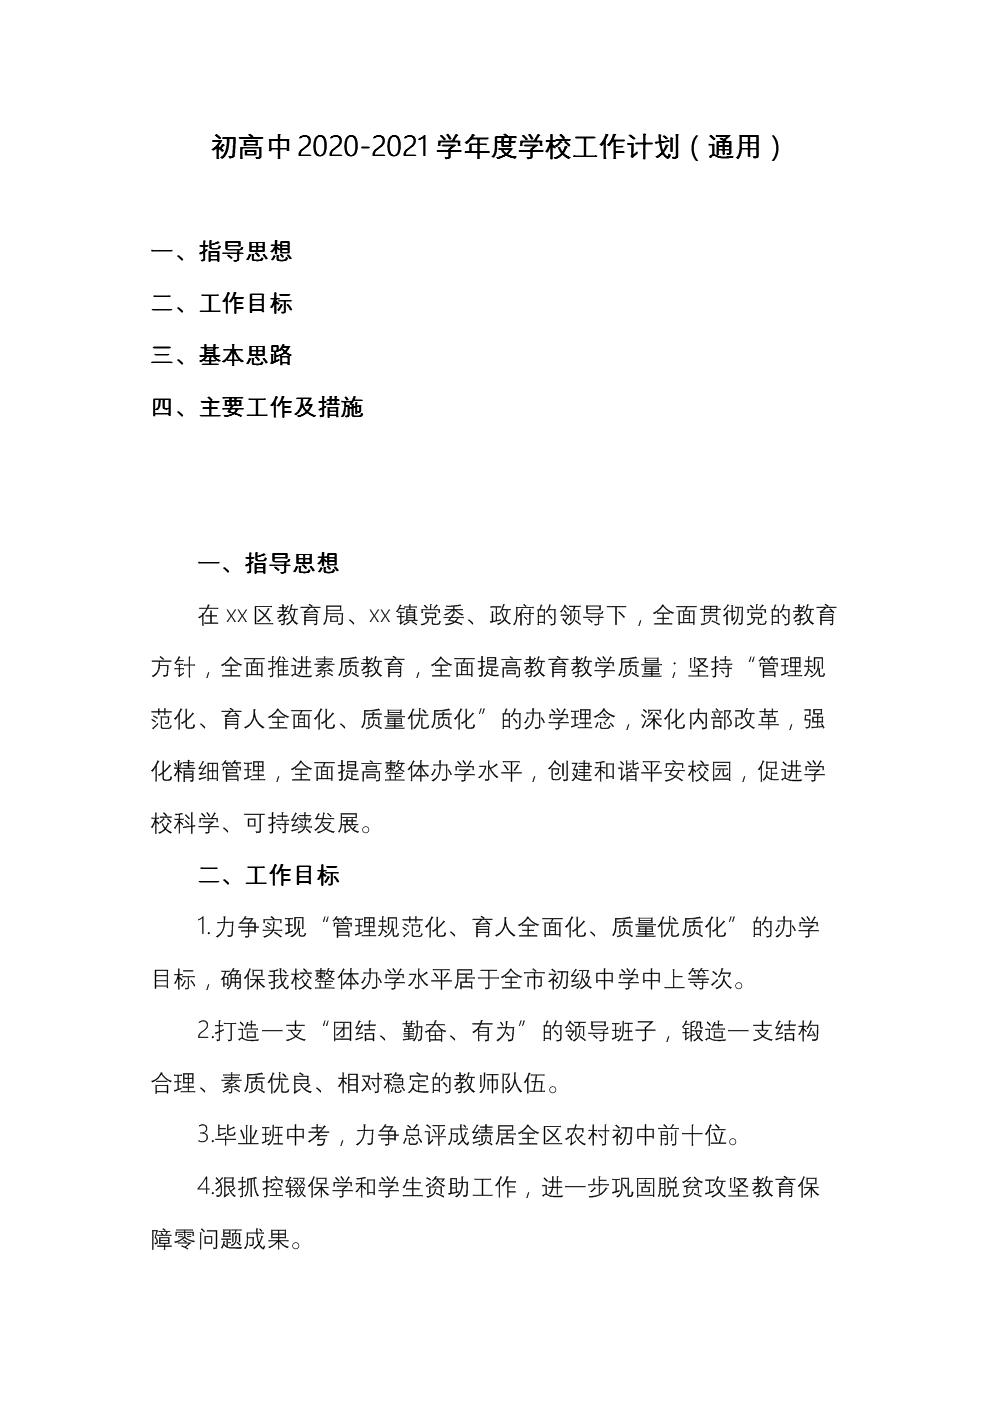 初高中2020-2021学年度学校工作计划(通用).docx